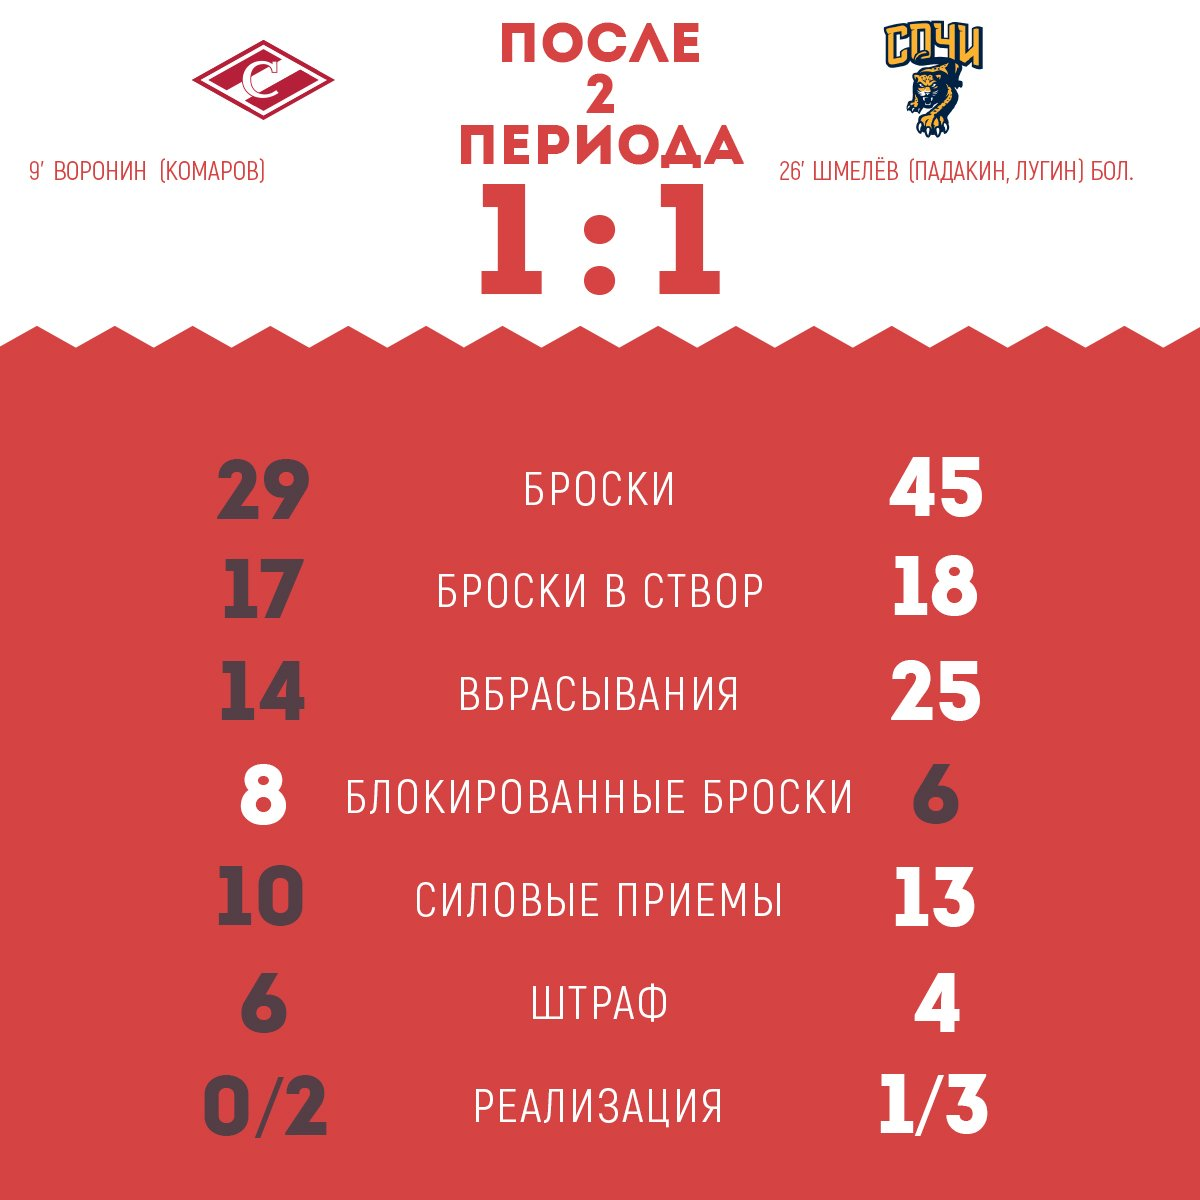 Статистика матча «Спартак» vs «Сочи» после 2-х периодов